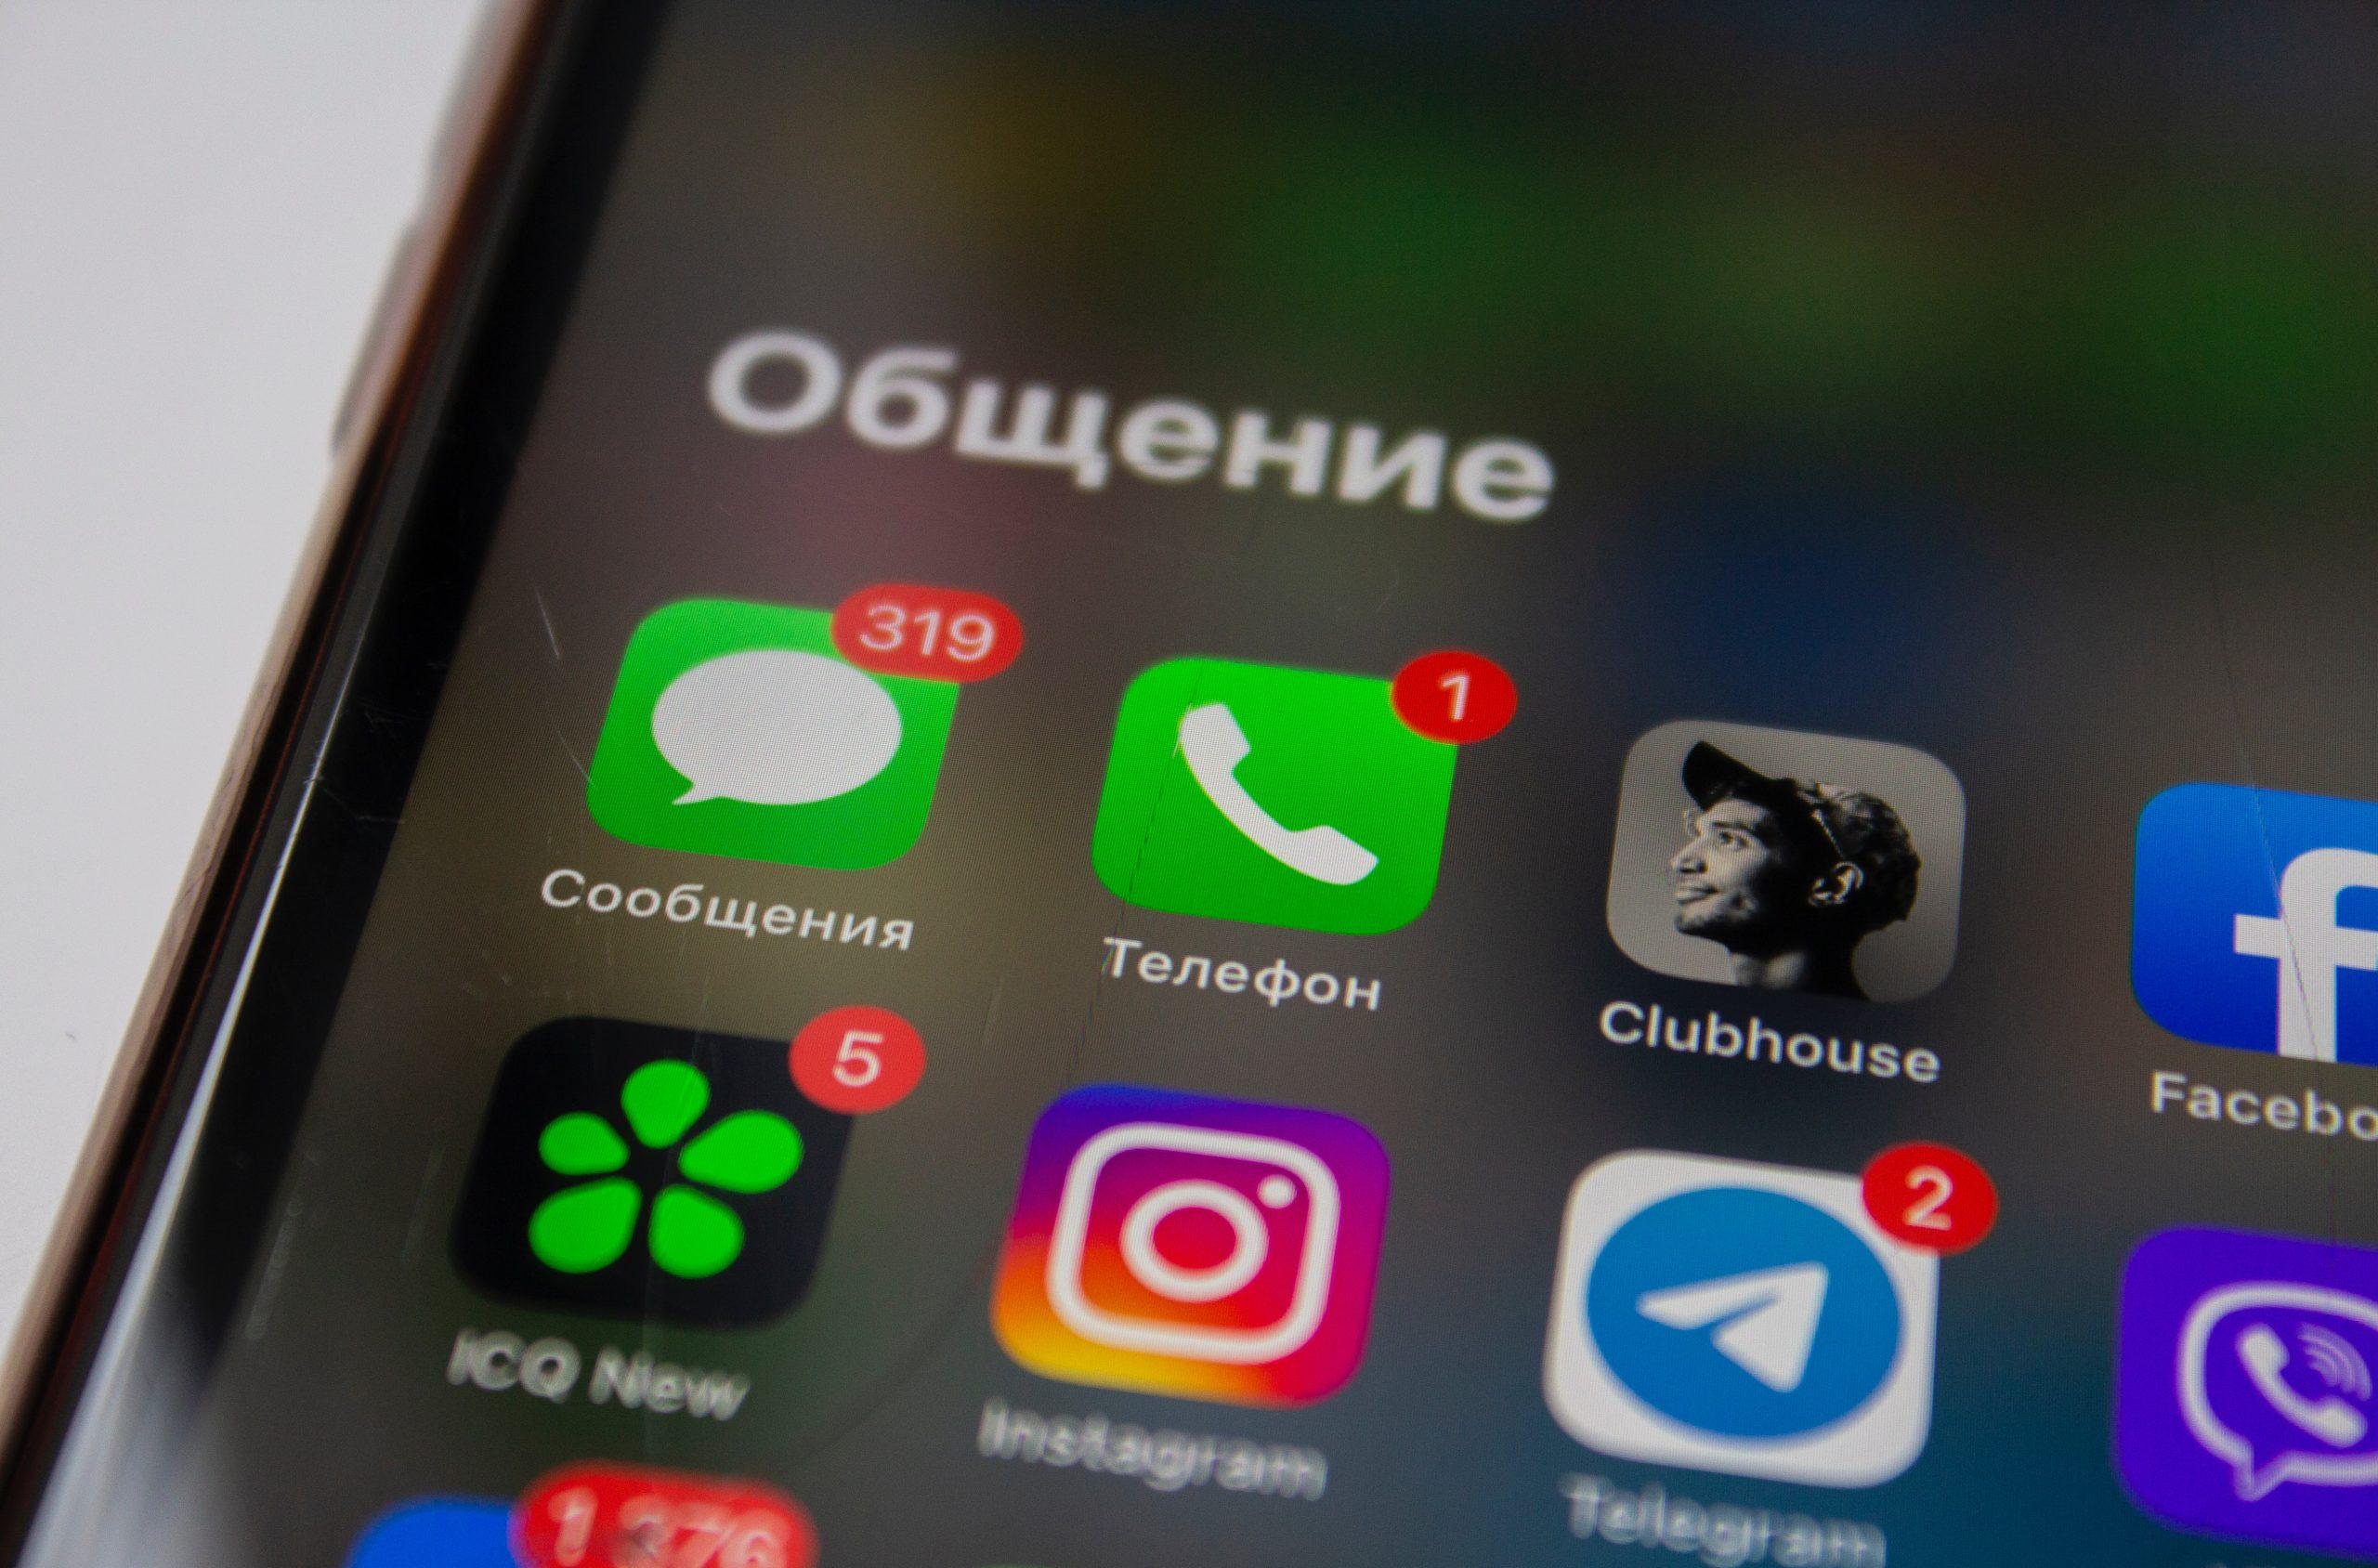 Пользователи WhatsApp массово мигрируют на Viber после сбоя